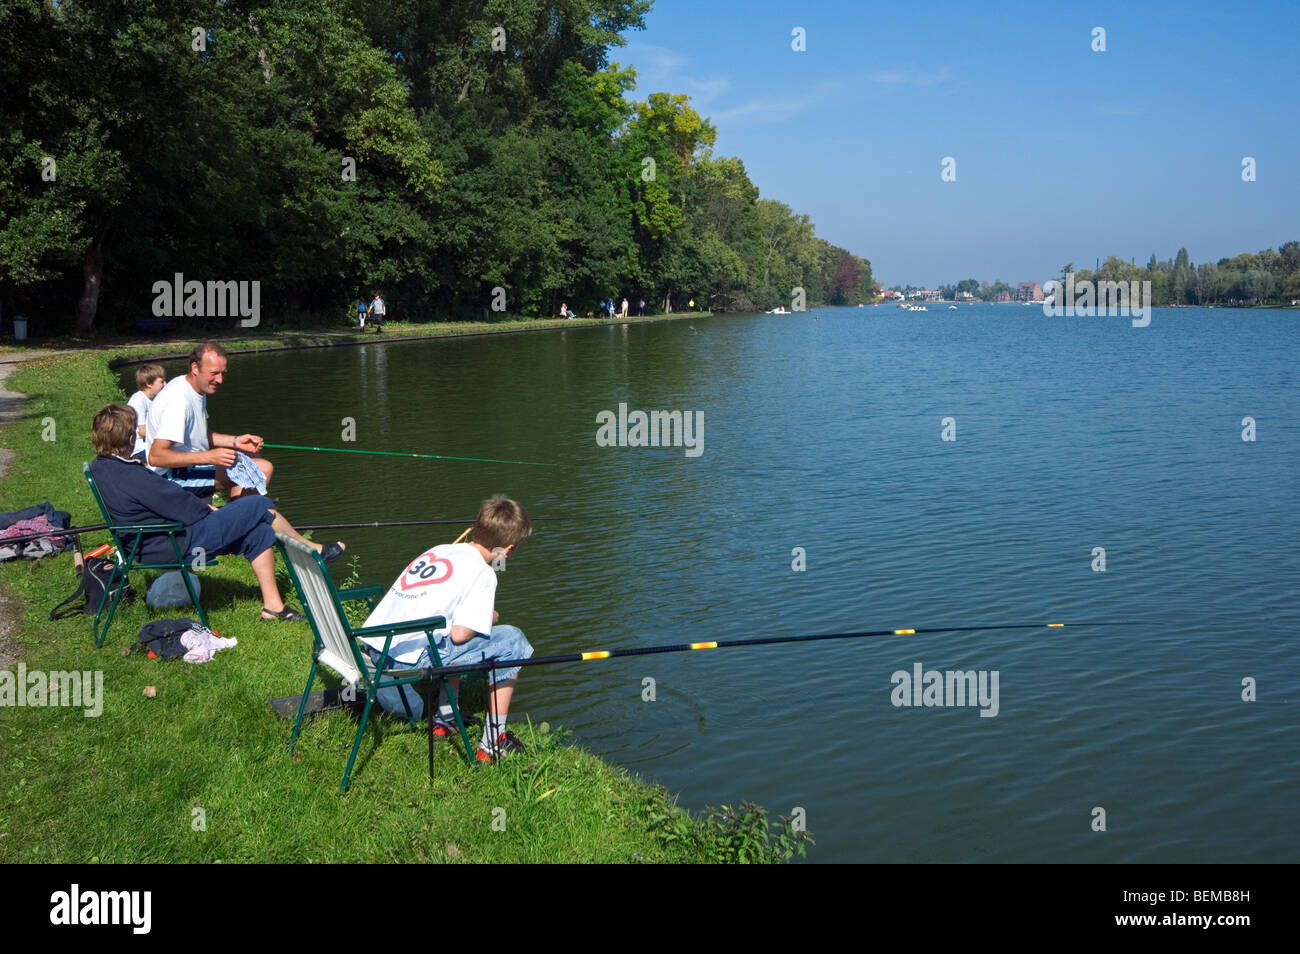 Famiglia, padre e figli con canne da pesca pesca sportiva nel lago Donkmeer, Fiandre Orientali, Belgio Immagini Stock